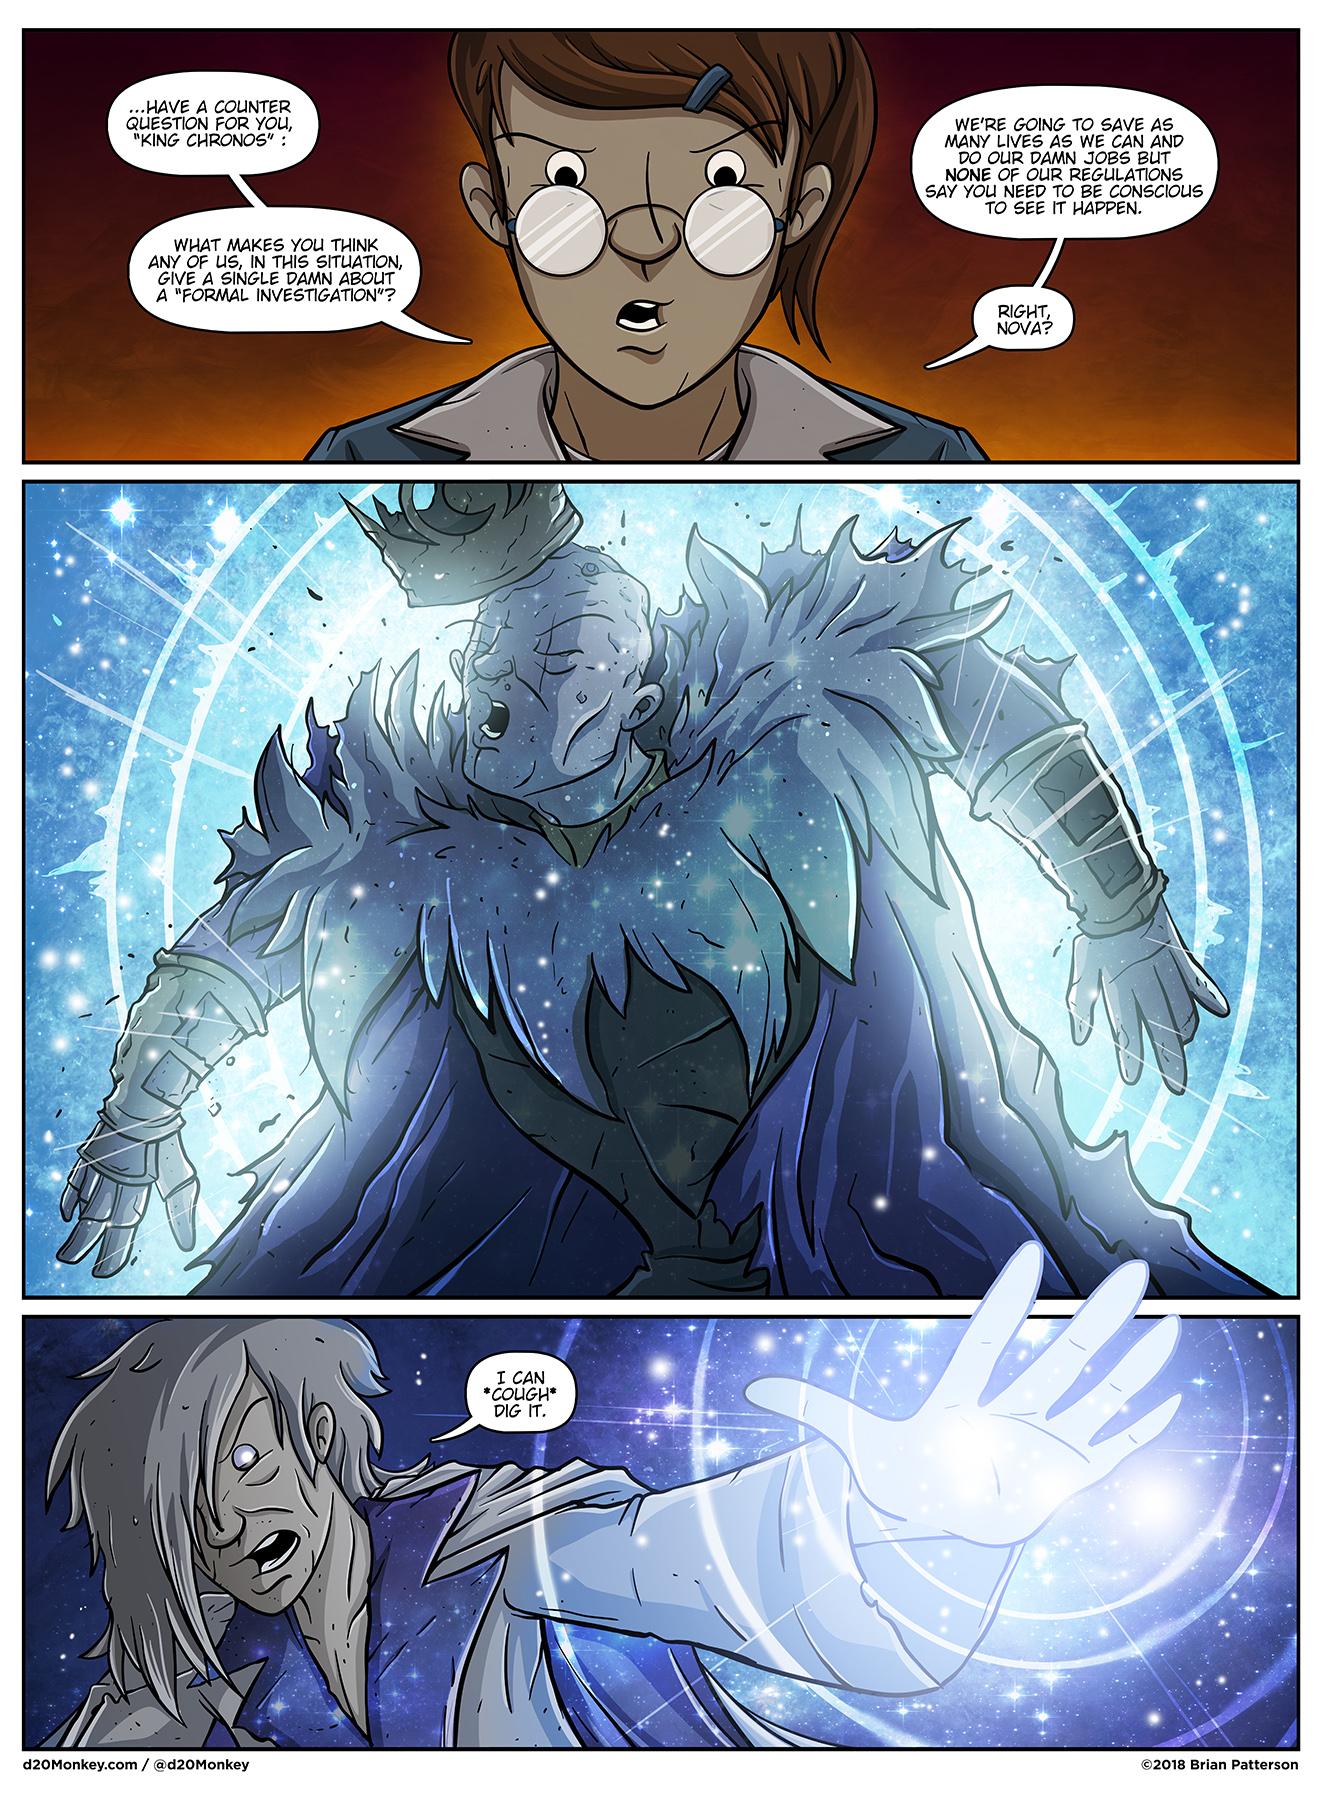 Did you think I forgot Nova? NOVA NEVER FORGETS.